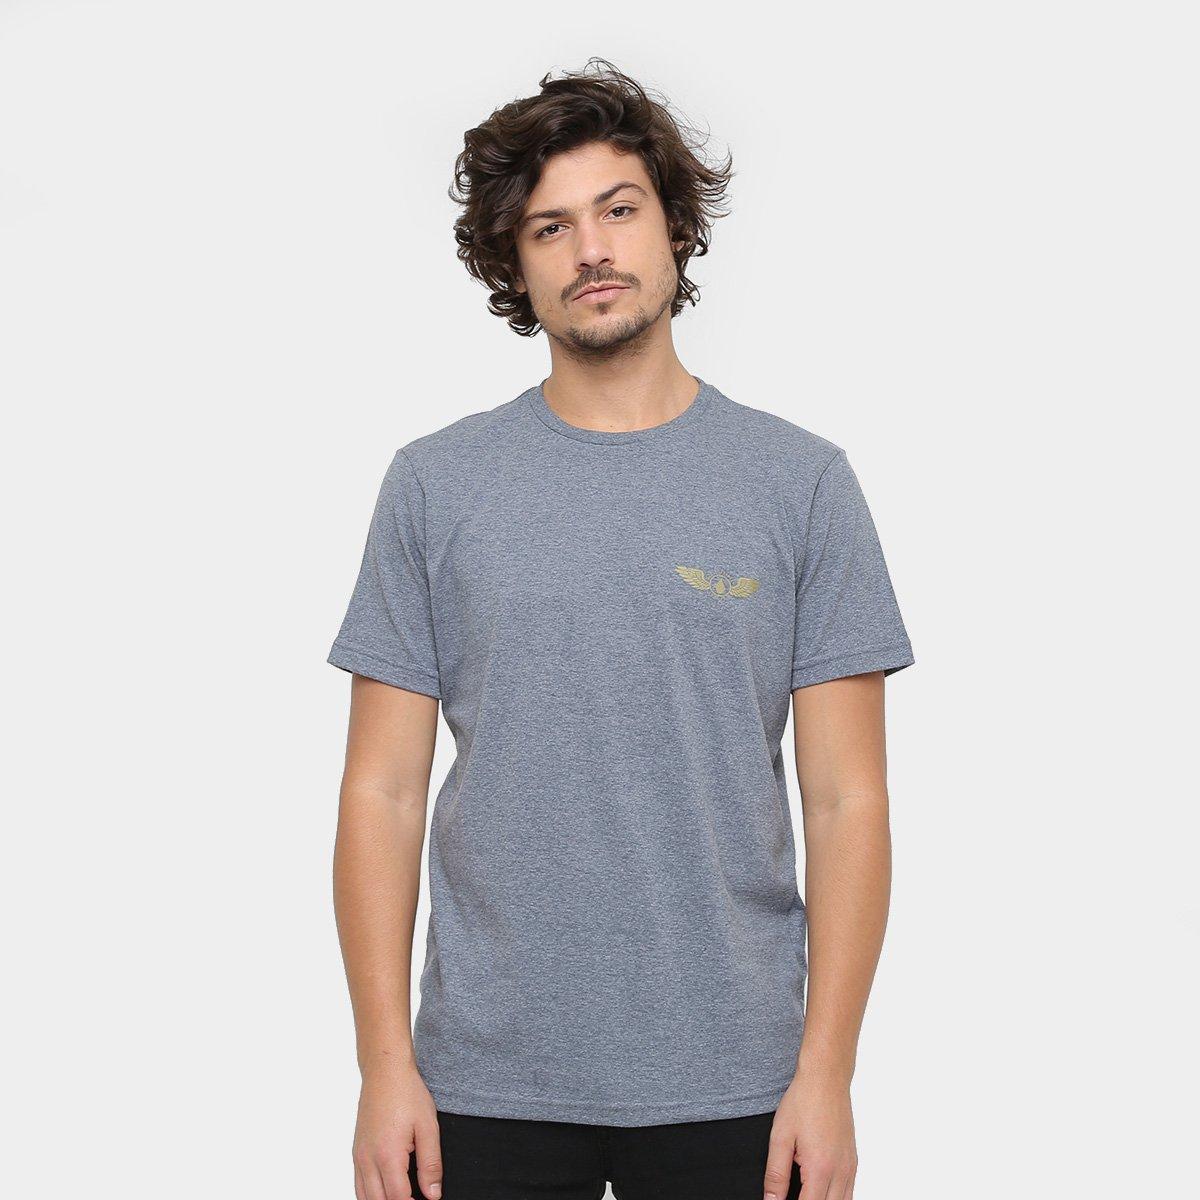 Silk Volcom Bolder Netshoes Camiseta Compre Slim Agora Masculina AgZxq